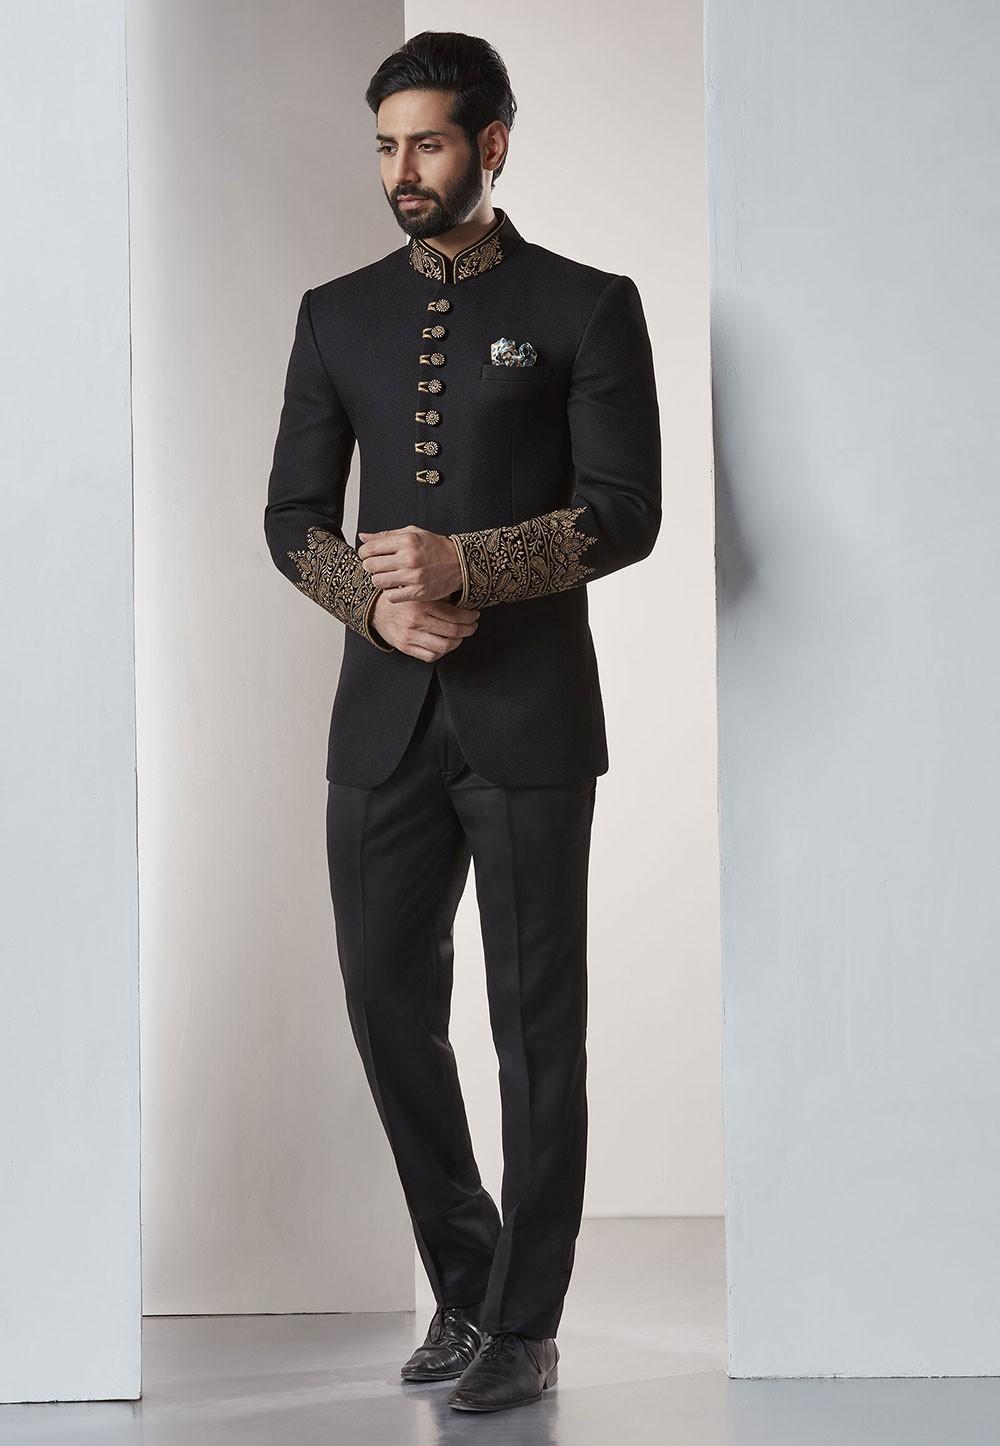 Buy designer elegant suits for men in black color